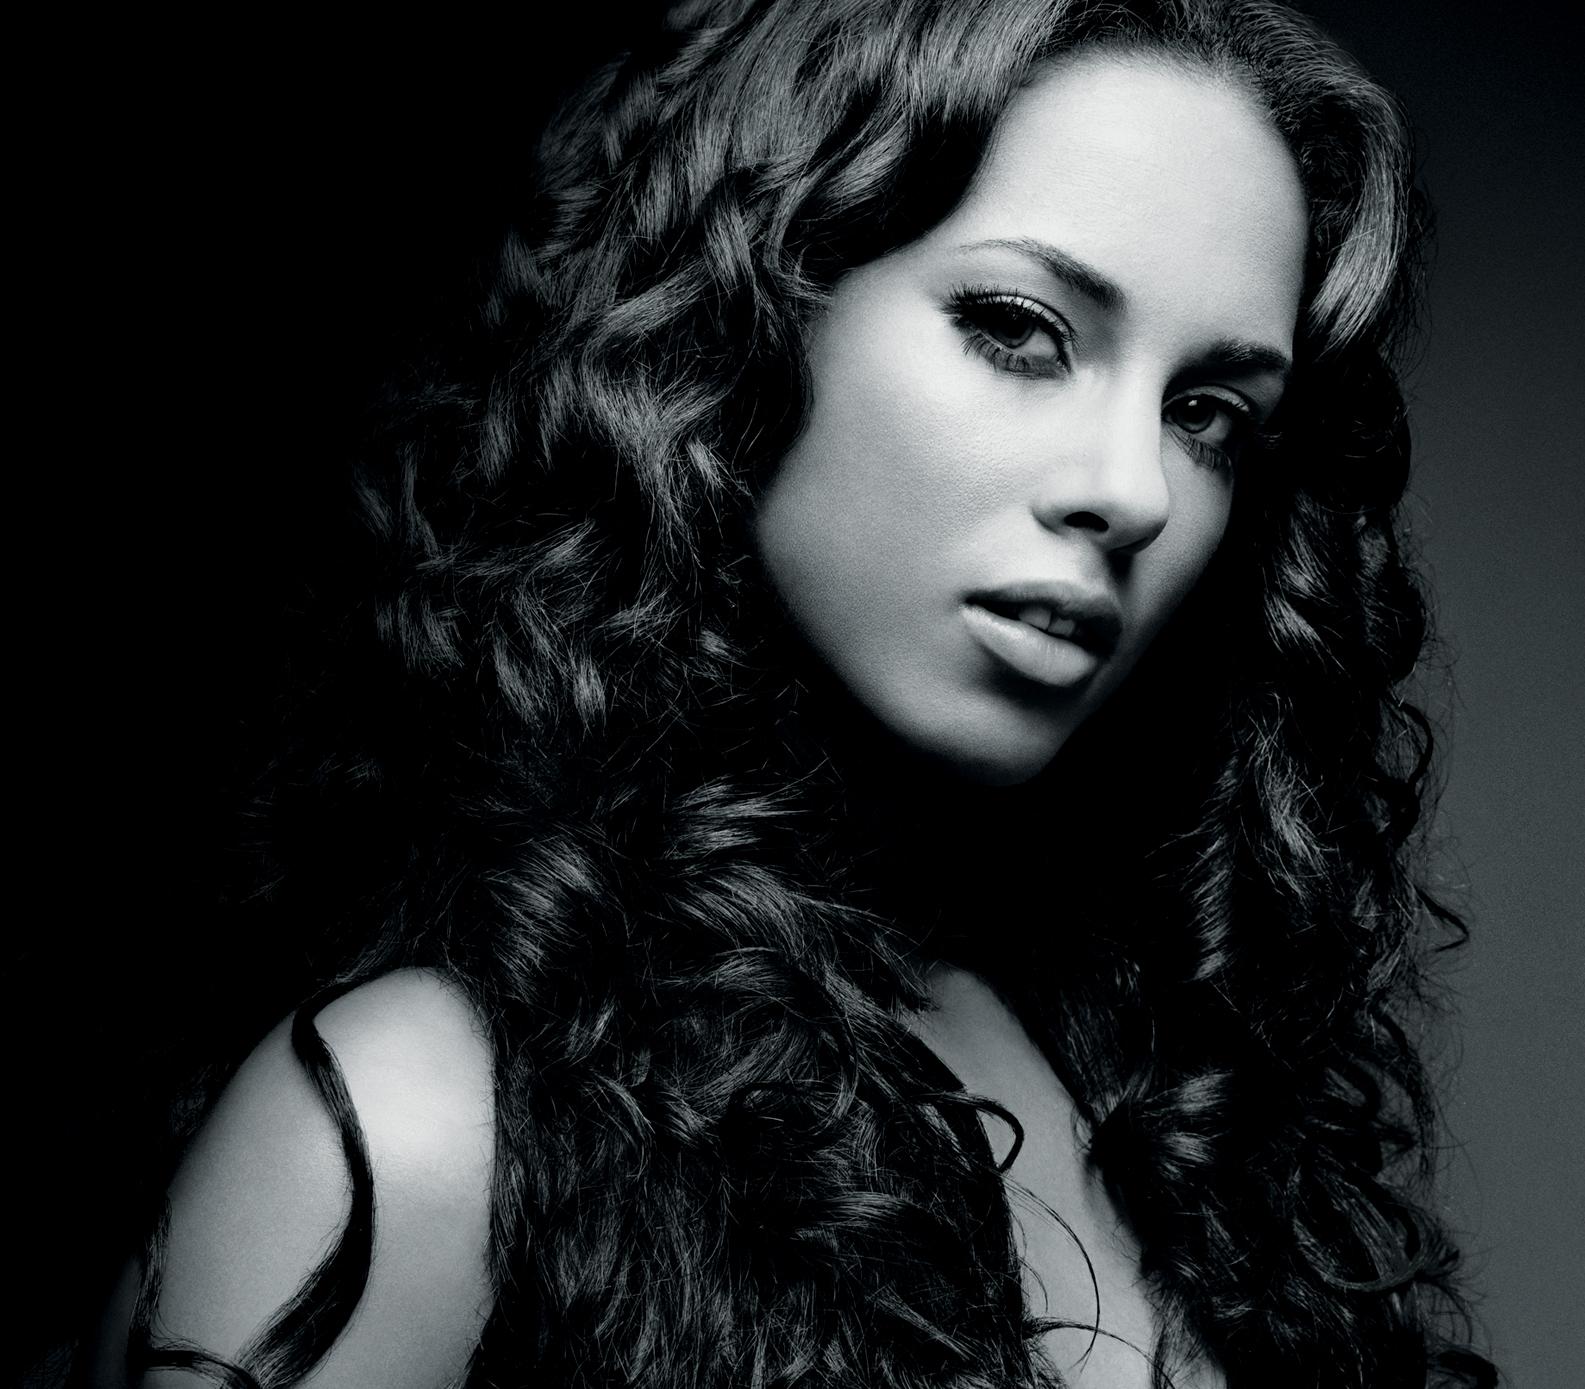 DiwaTako: Alicia Keys! Alicia Keys